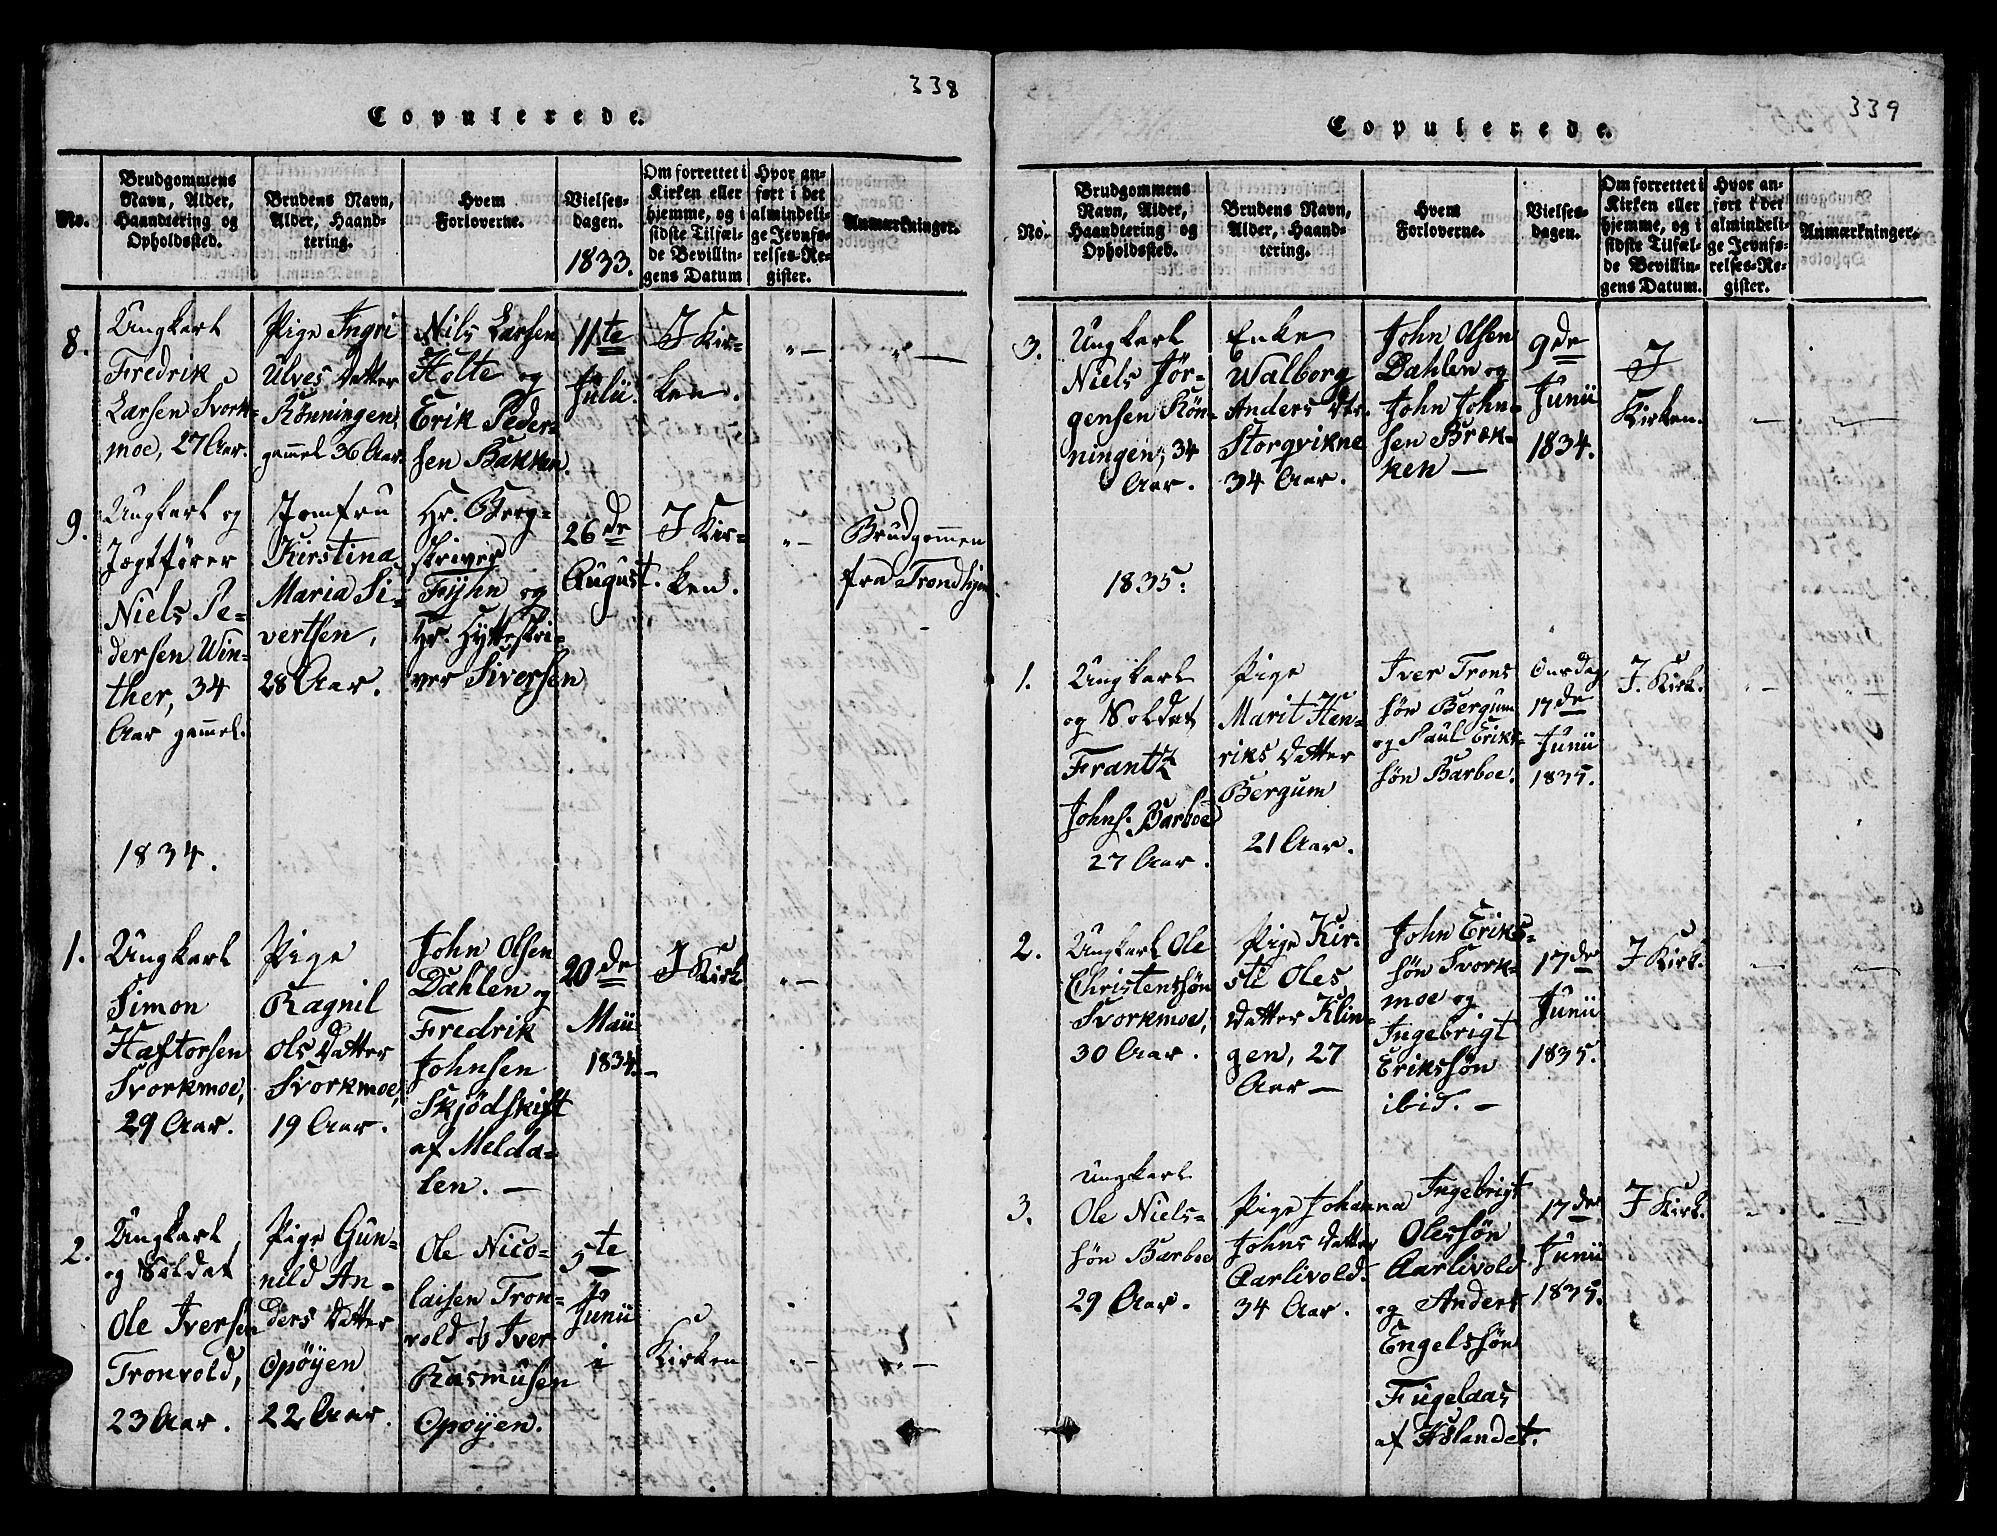 SAT, Ministerialprotokoller, klokkerbøker og fødselsregistre - Sør-Trøndelag, 671/L0842: Klokkerbok nr. 671C01, 1816-1867, s. 338-339